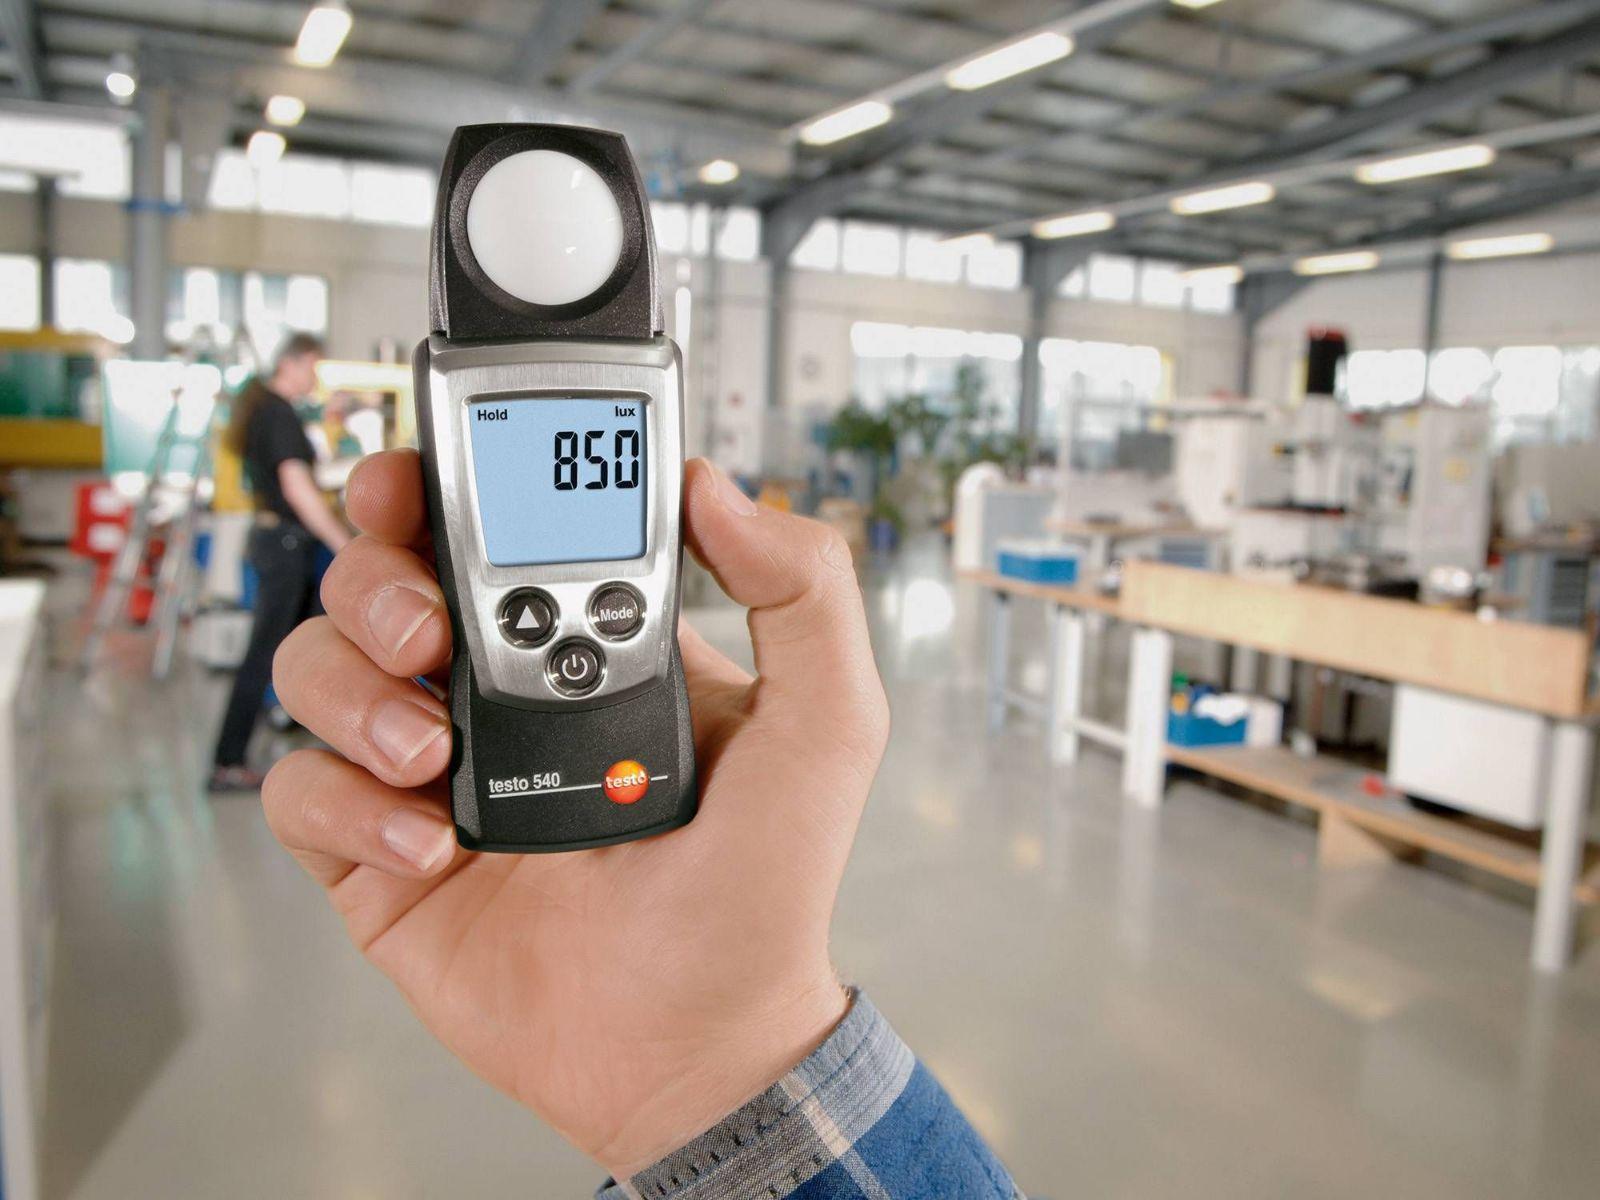 Эксперты независимой организации, проводящие спецоценку, определяют наличие на рабочем месте потенциально вредных или опасных производственных факторов:  физических (шум, электромагнитные поля, ультразвук, излучение, вибрация, температура, освещенность); биологических (бактерии, споры микроорганизмы); химических (вещества в воздухе рабочей зоны и оседающие на коже работников); сенсорная (нервная) напряженность трудового процесса; функциональная физическая нагрузка на организм и др. Если такие факторы выявлены, то измеряются их фактические значения, по результатам чего устанавливаются классы условий труда (оптимальный, допустимый, вредный и опасный) и их подклассы.